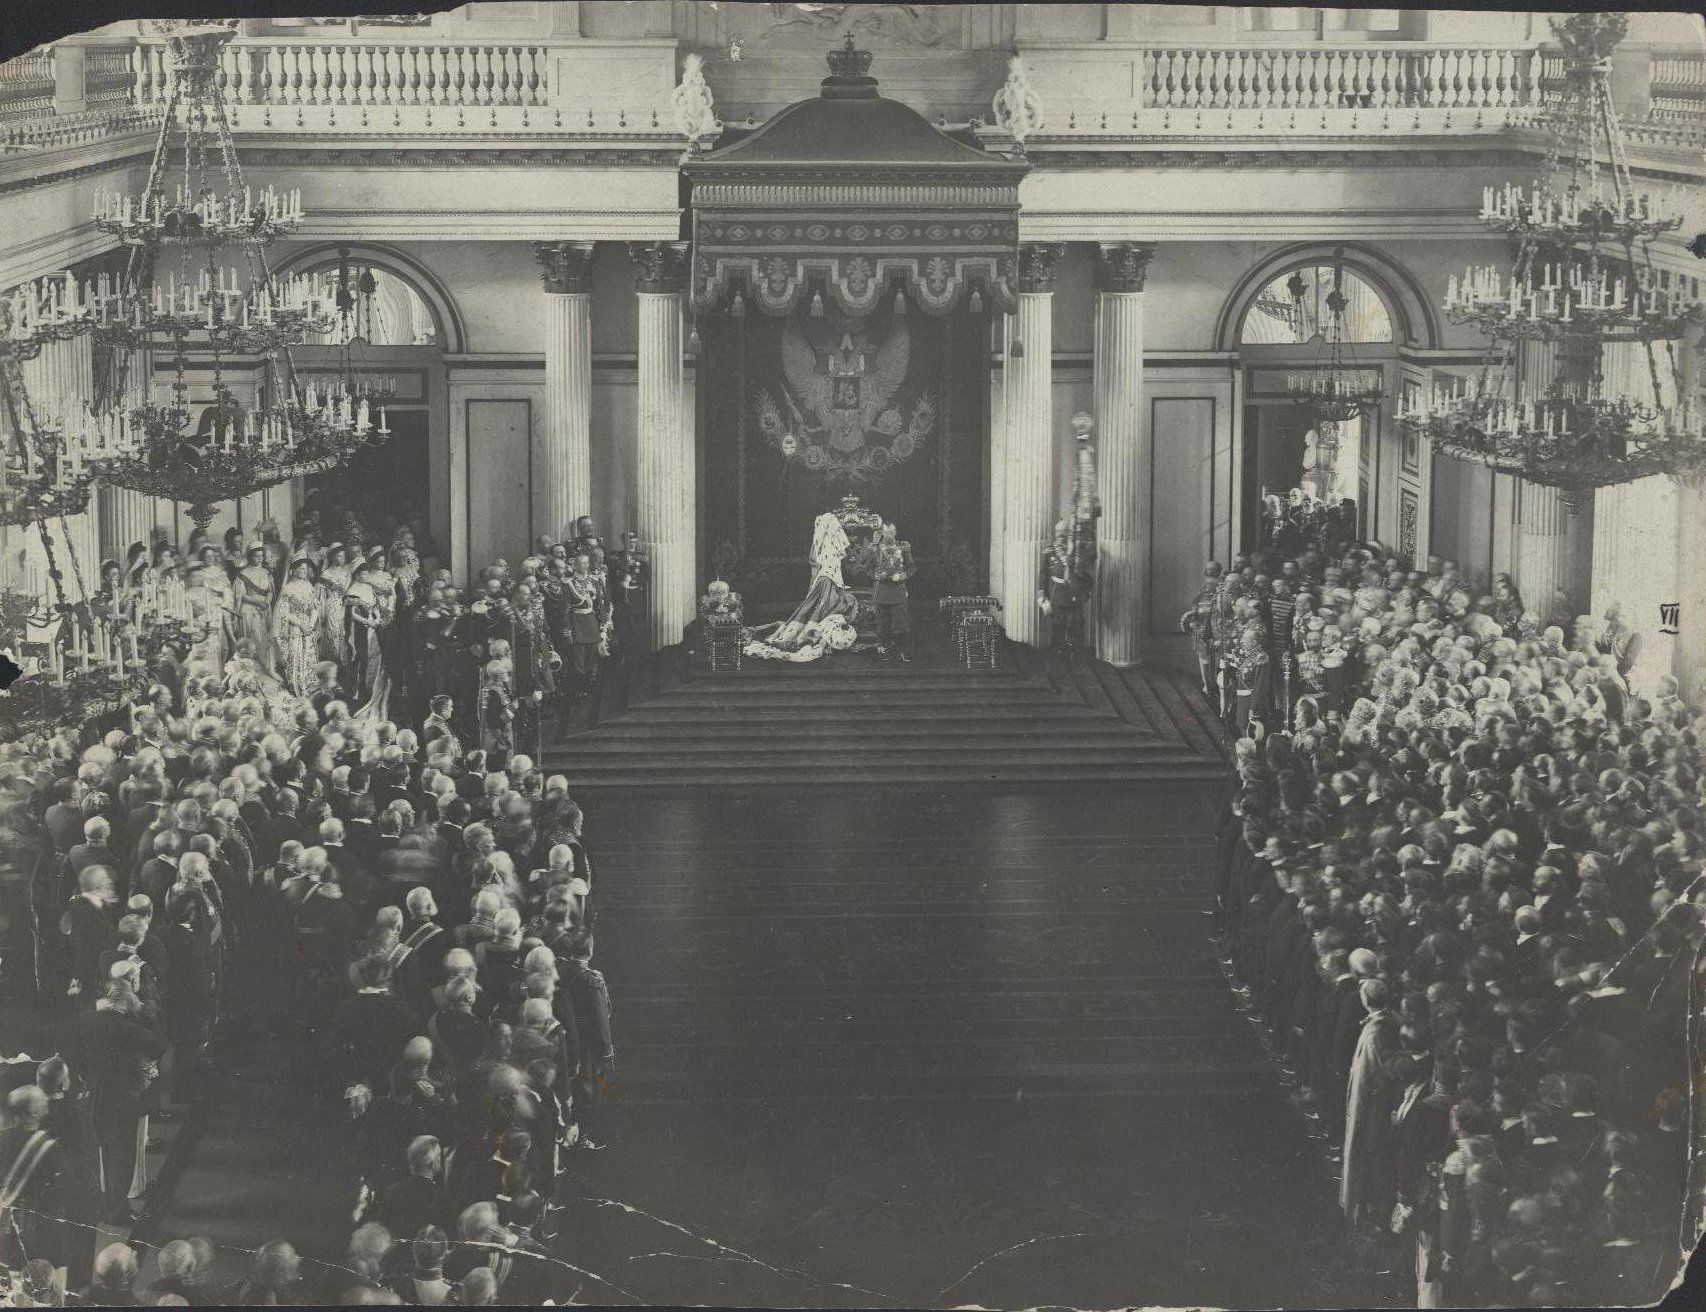 1906. Открытие Первой Государственной Думы. Император Николай II в Георгиевском зале Зимнего дворца